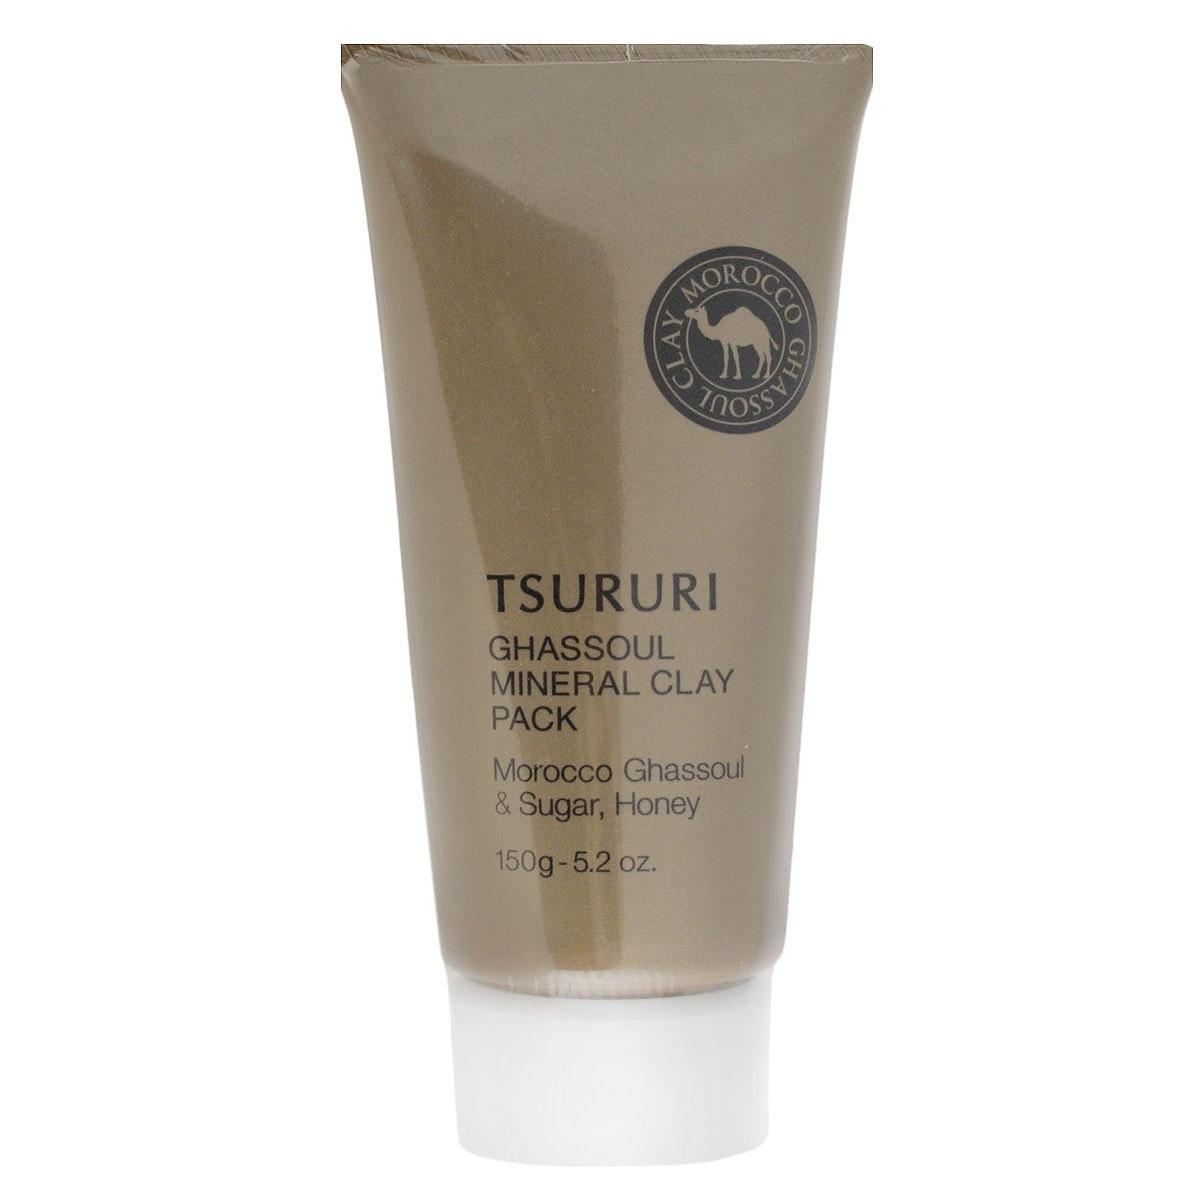 BCL Крем-маска для лица Tsururi, с глиной, 150 г046592Маска для лица с каолином и марокканской глиной Гассуль прекрасно очищает поры кожи от загрязнений, излишков кожного сала и ороговевших клеток эпидермиса. Тусклая кожа заметно светлеет, становится гладкой, без загрязненных расширенных пор и черных точек. Комбинация из натуральных минеральных компонентов – каолина, марокканской глины Гассуль, масла арганы и растительных экстрактов нежно и бережно ухаживает за кожей.Исключительные абсорбирующие свойства глины Гассуль помогают крем-маске глубоко проникнуть в поры кожи и удалить самые глубокие загрязнения. Маска мягко очищает кожу, минерализуя и восстанавливая ее структуру. Мед и маточное молочко ухаживают за кожей, делая ее мягкой и шелковистой. После снятия маски рекомендуется сделать легкий массаж кожи лица с помощью любого питательного крема.Не содержит искусственных красителей. Имеет естественный оттенок глины. Товар сертифицирован.